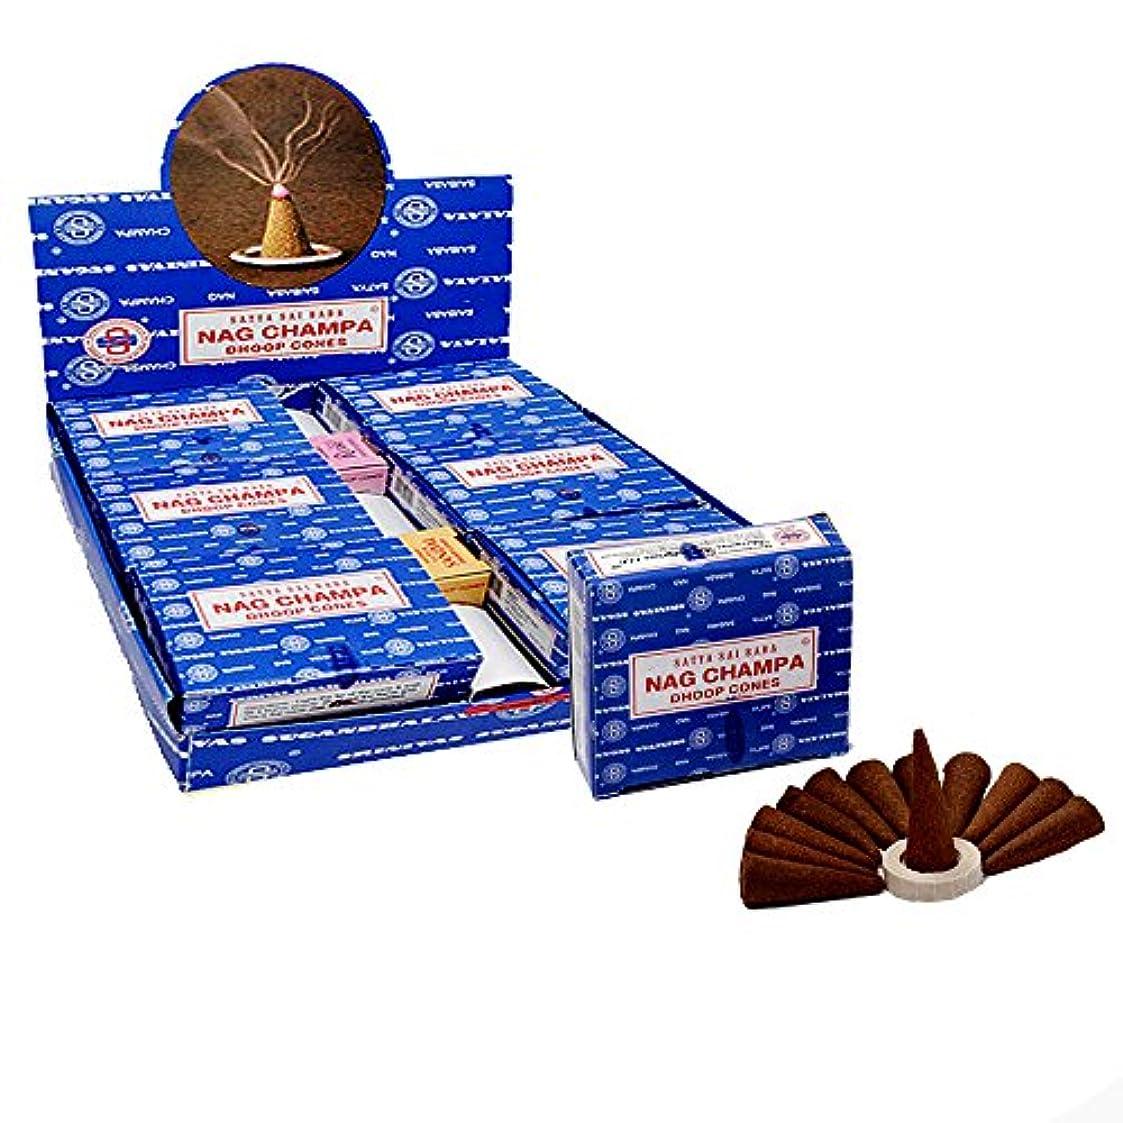 検査フレームワーク助けになるSatya Sai Baba Nag Champa Temple Incense Cones、12パックでCones、12パックin aボックス